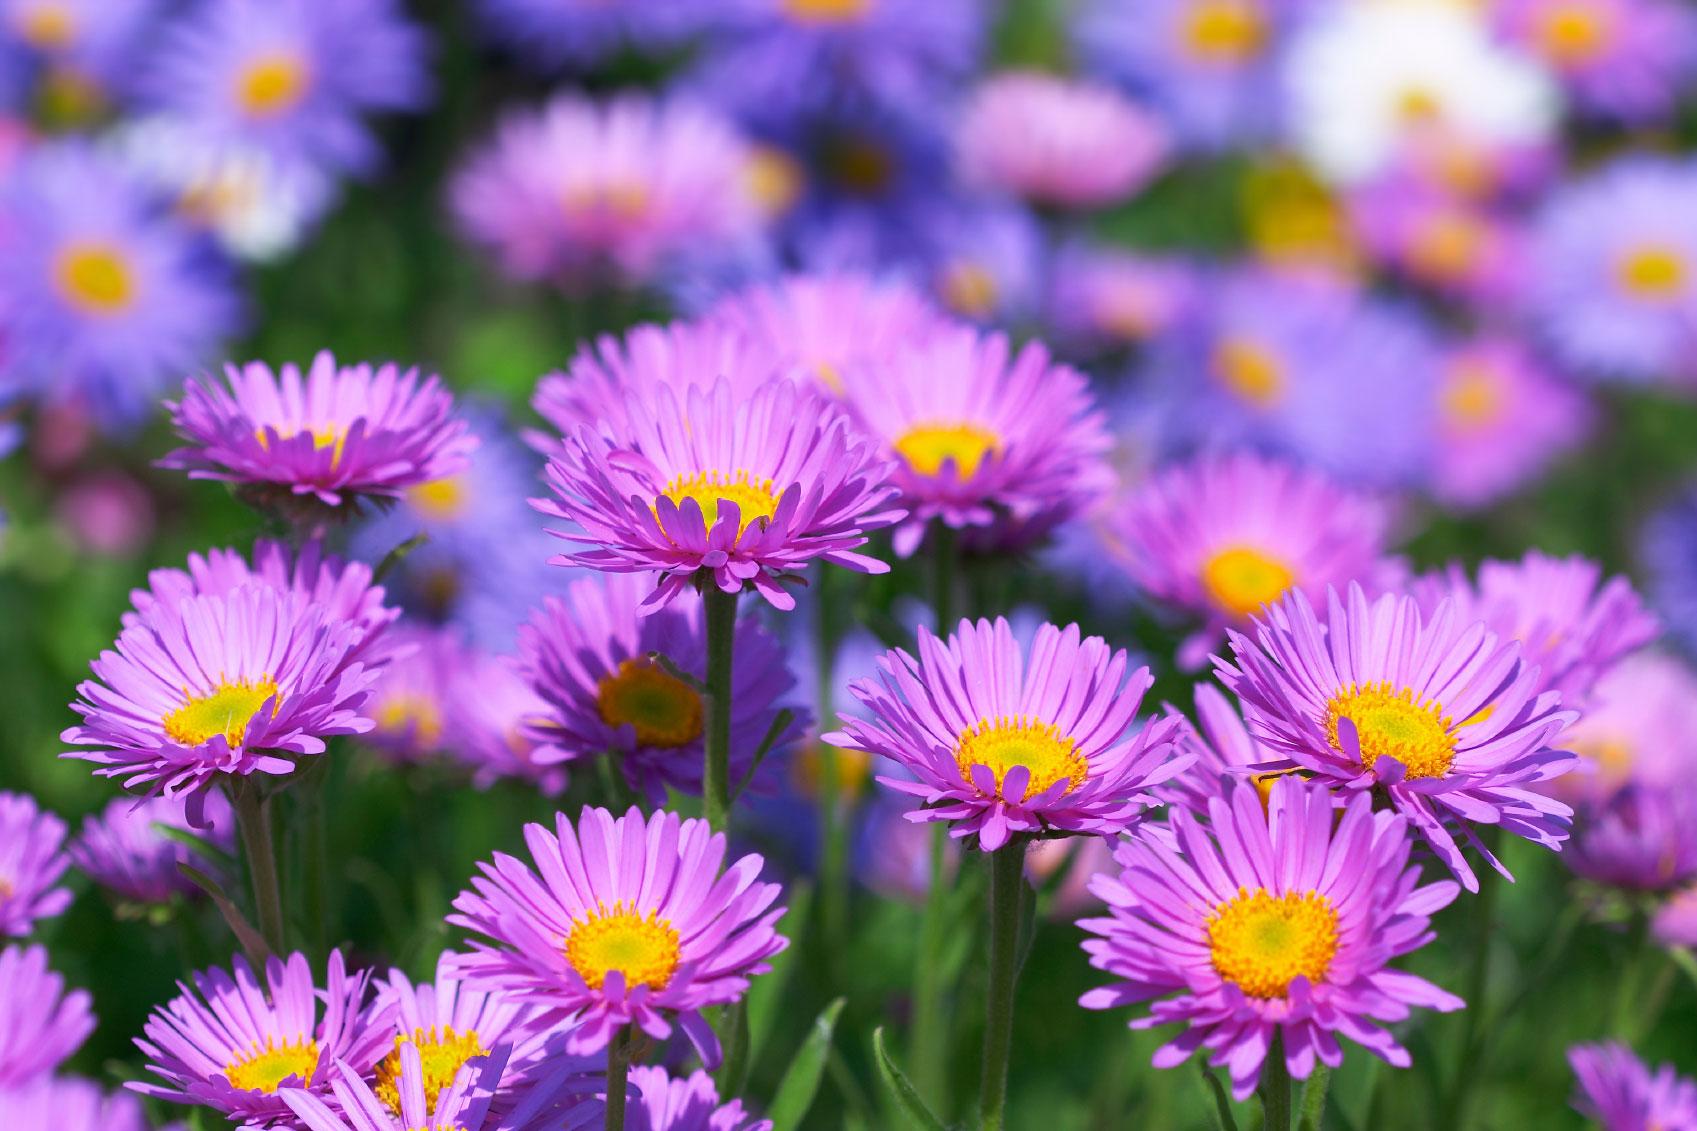 Gėlės nuotrauka. (Pavadinimas: Astras)